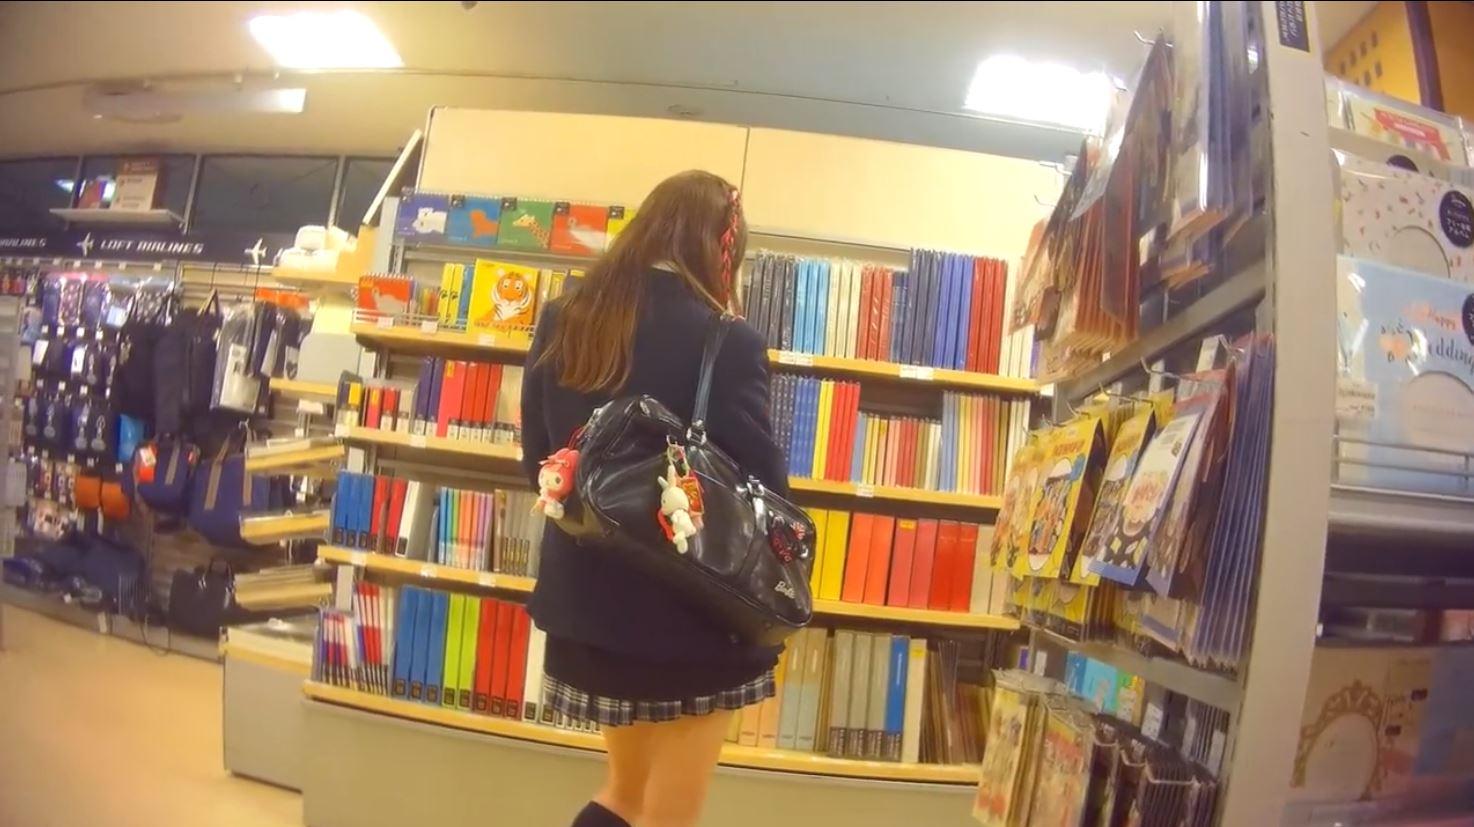 《女子校生リアル動画パンティ逆さ盗撮》『サテン生地ホワイトパンティ』ちょいGALミニスカ制服JKのパンツを撮影♪